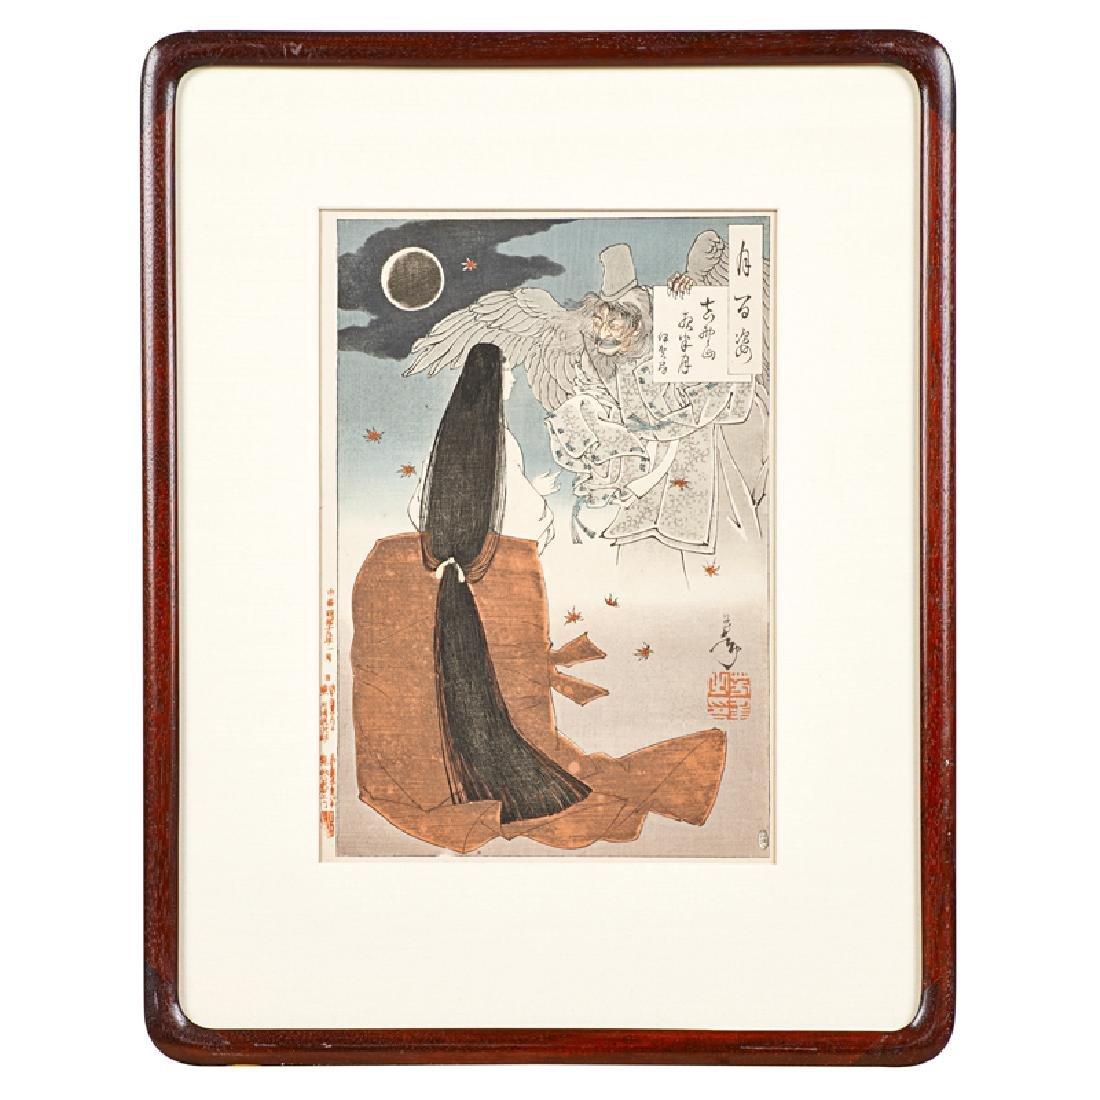 TSUKIOKA YOSHITOSHI (Japanese, 1839-1892) - 2